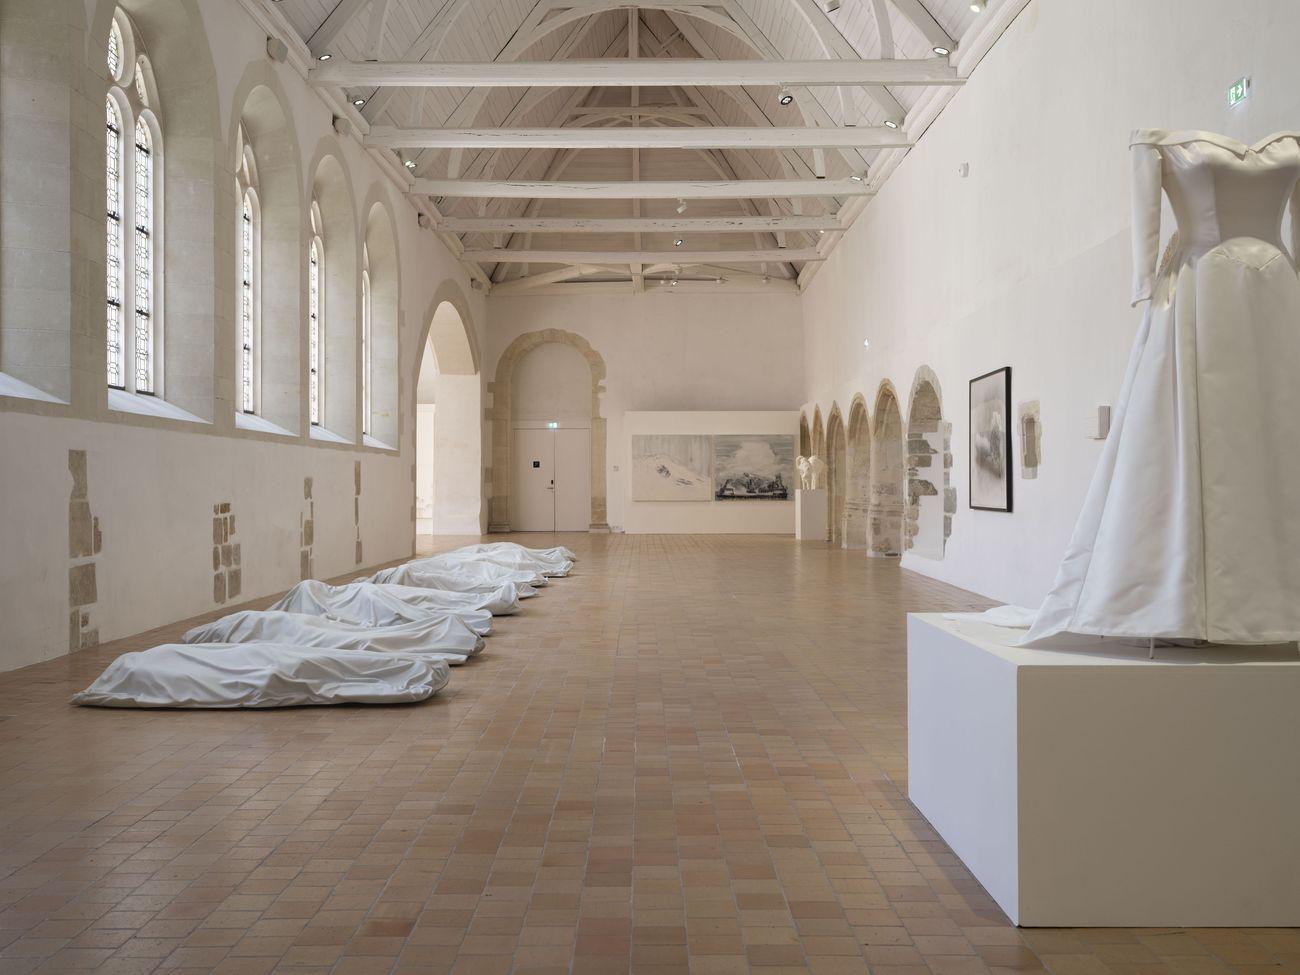 Au delà de la couleur. Exhibition view at Couvent des Jacobins, Rennes 2021. Photo JF Molliere